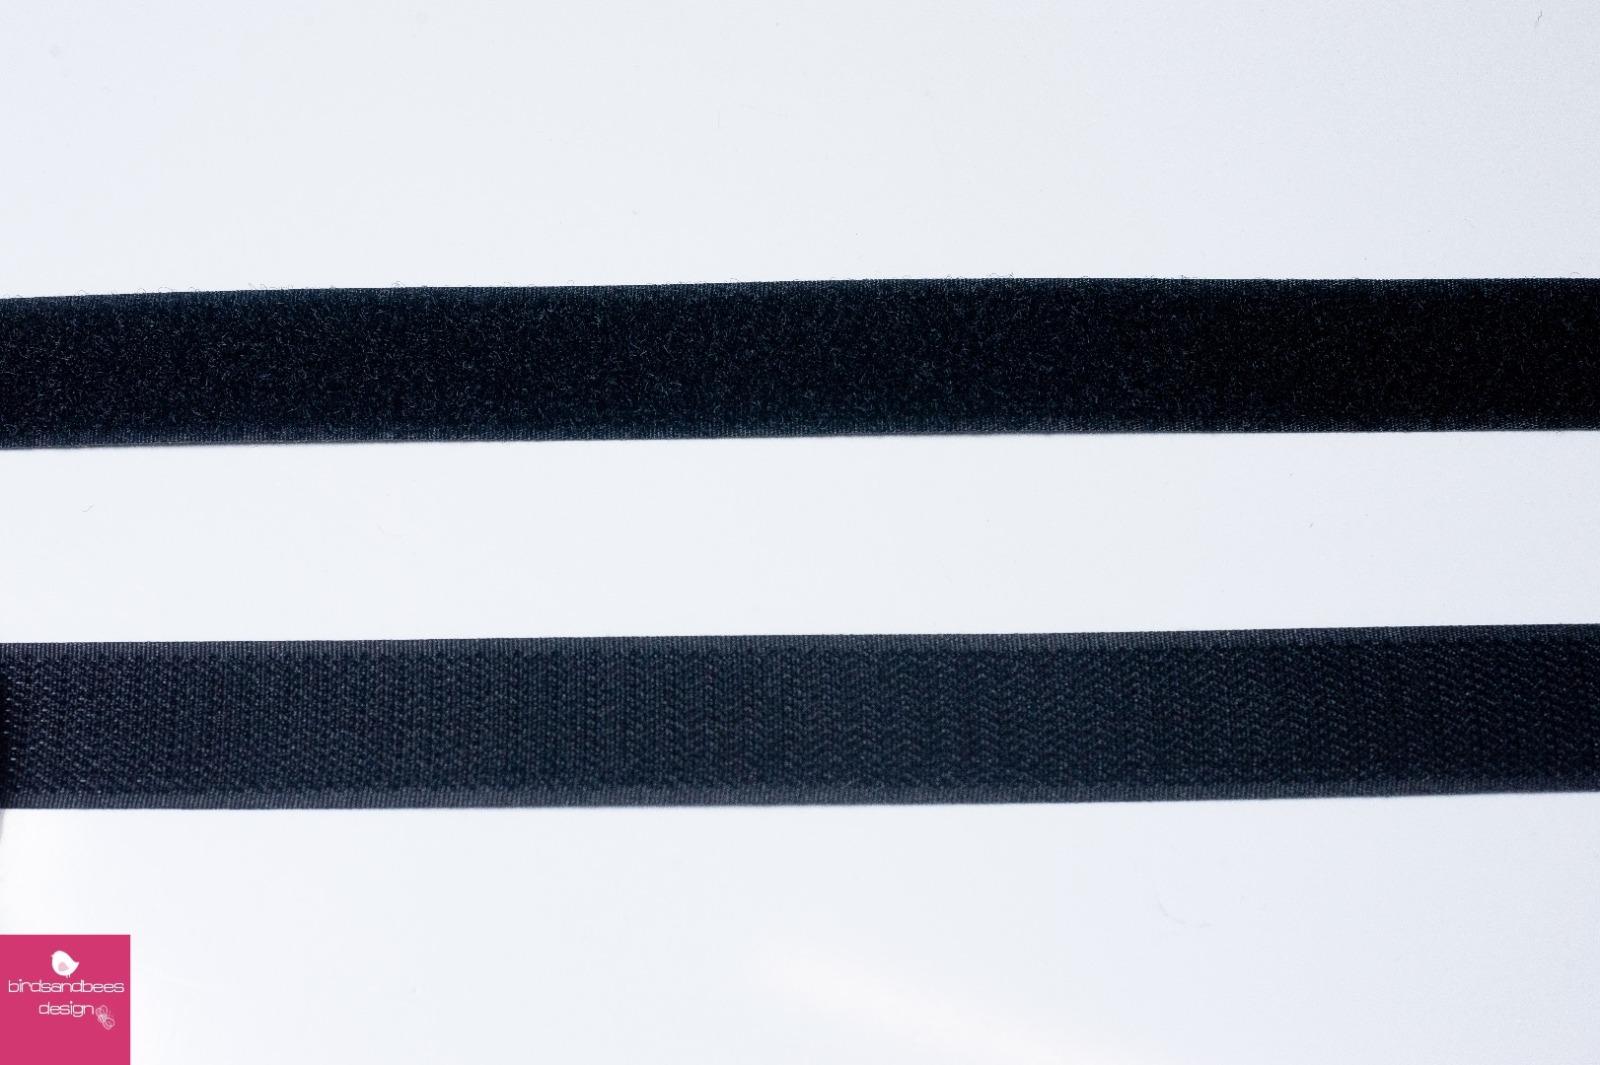 Klettband 1m 25mm - Schwarz